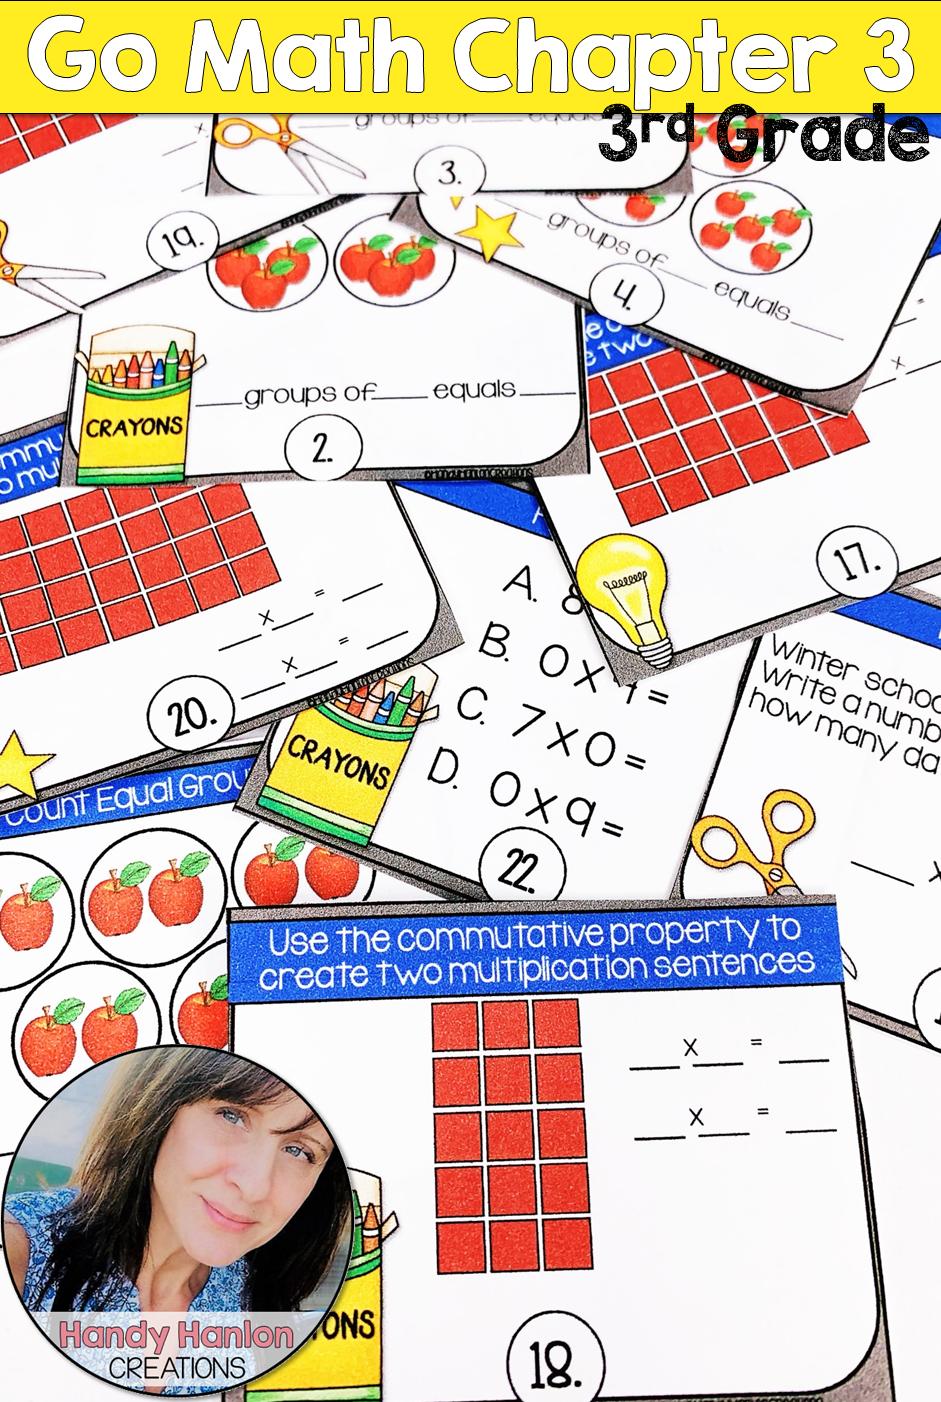 Go Math 3Rd Grade Chapter 3 | Teaching Math Elementary, Go